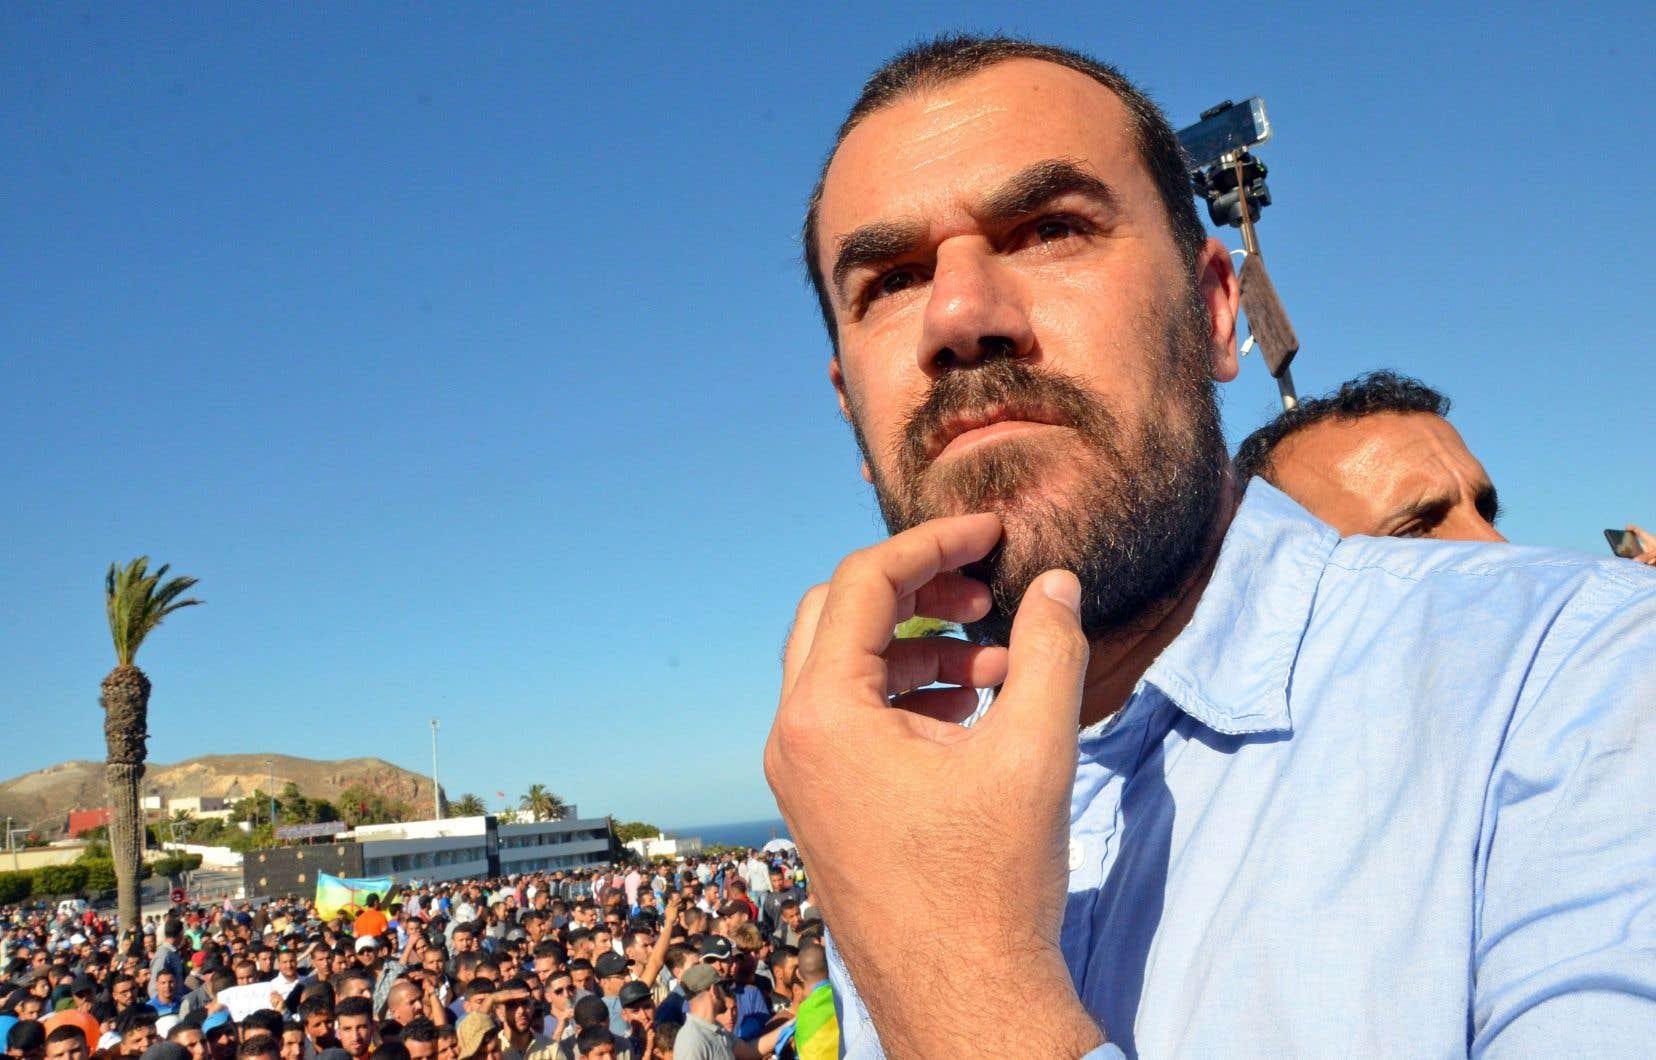 Nassef Zefzafi, un chômeur d'une quarantaine d'années, s'était rapidement imposé comme le visage de la contestation avec ses harangues publiques et ses attaques contre «l'État corrompu».